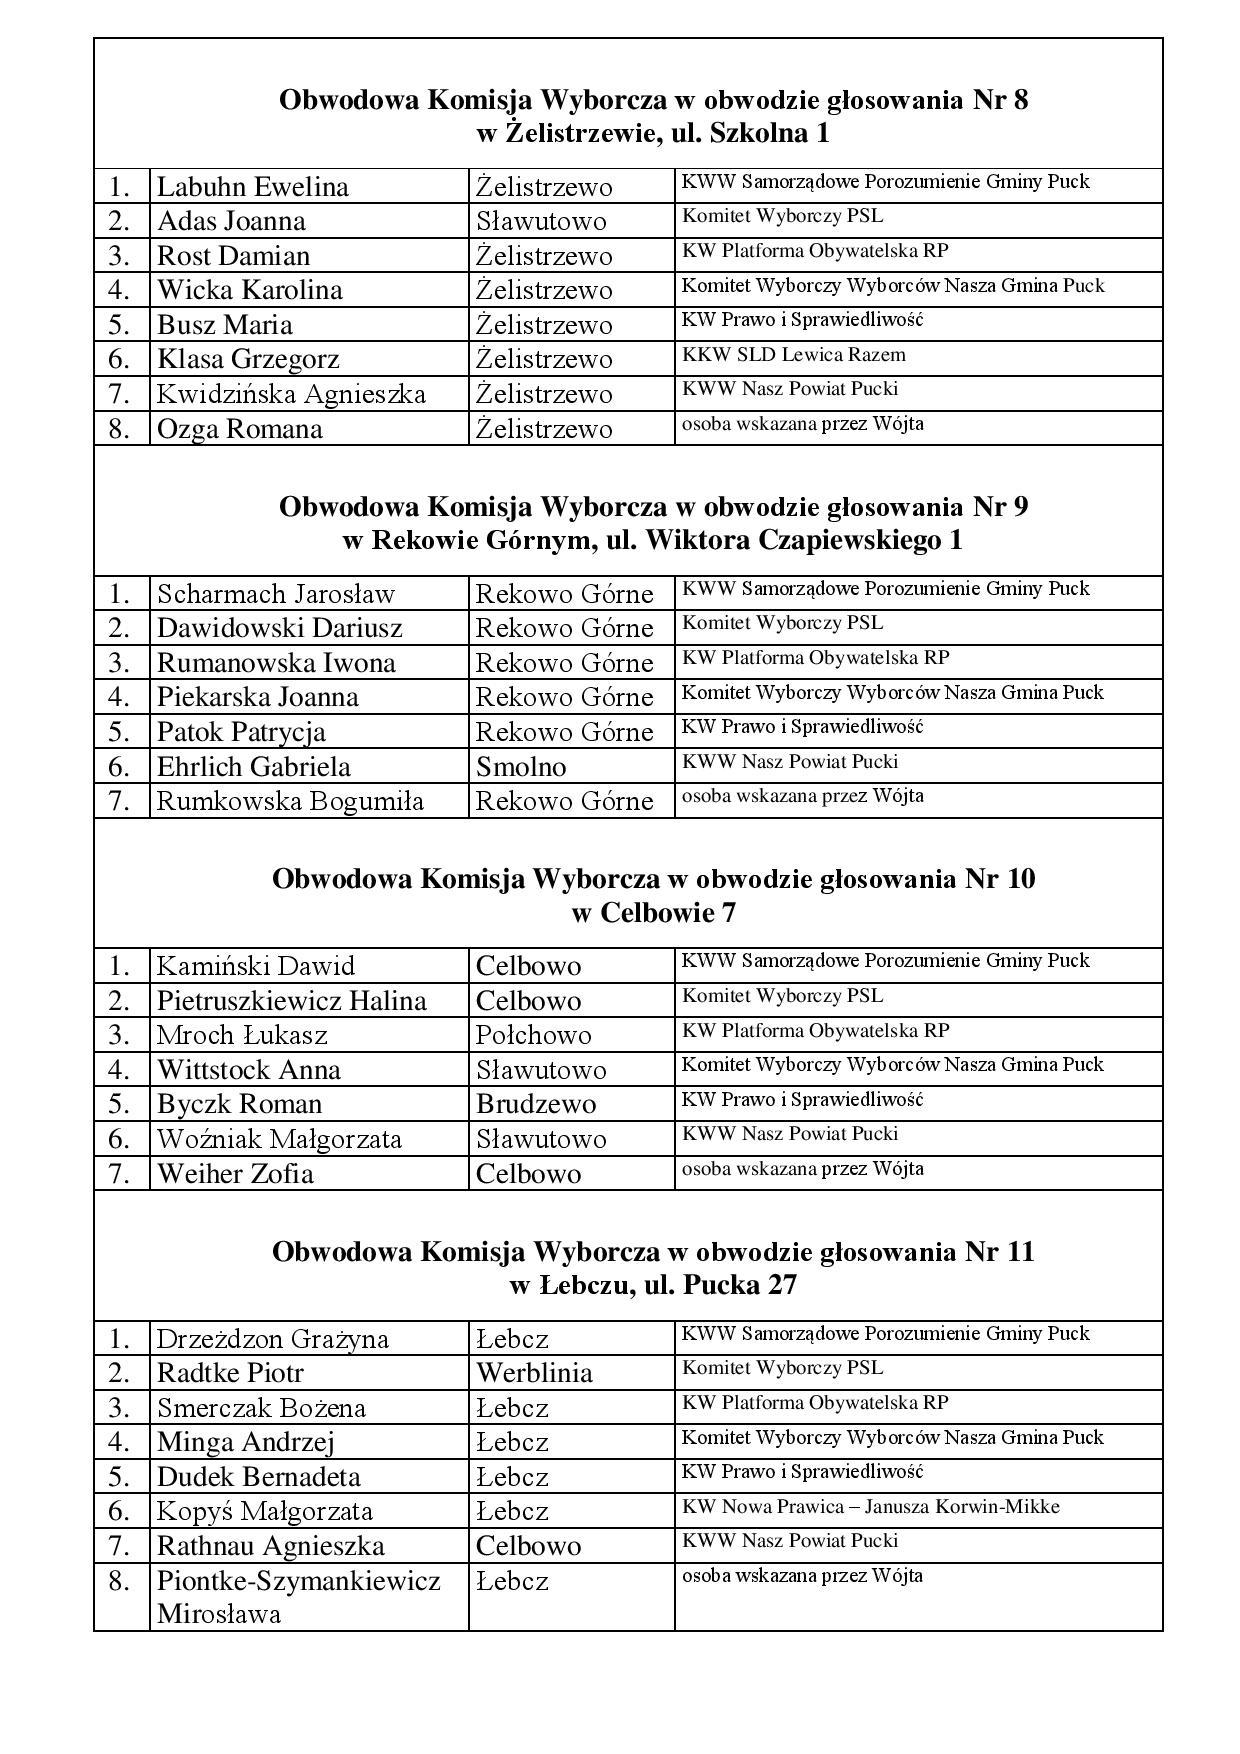 ZAŁĄCZNIK do UCHWAŁY Nr 5 GKW z dnia 22.10.2014 r.-page-003